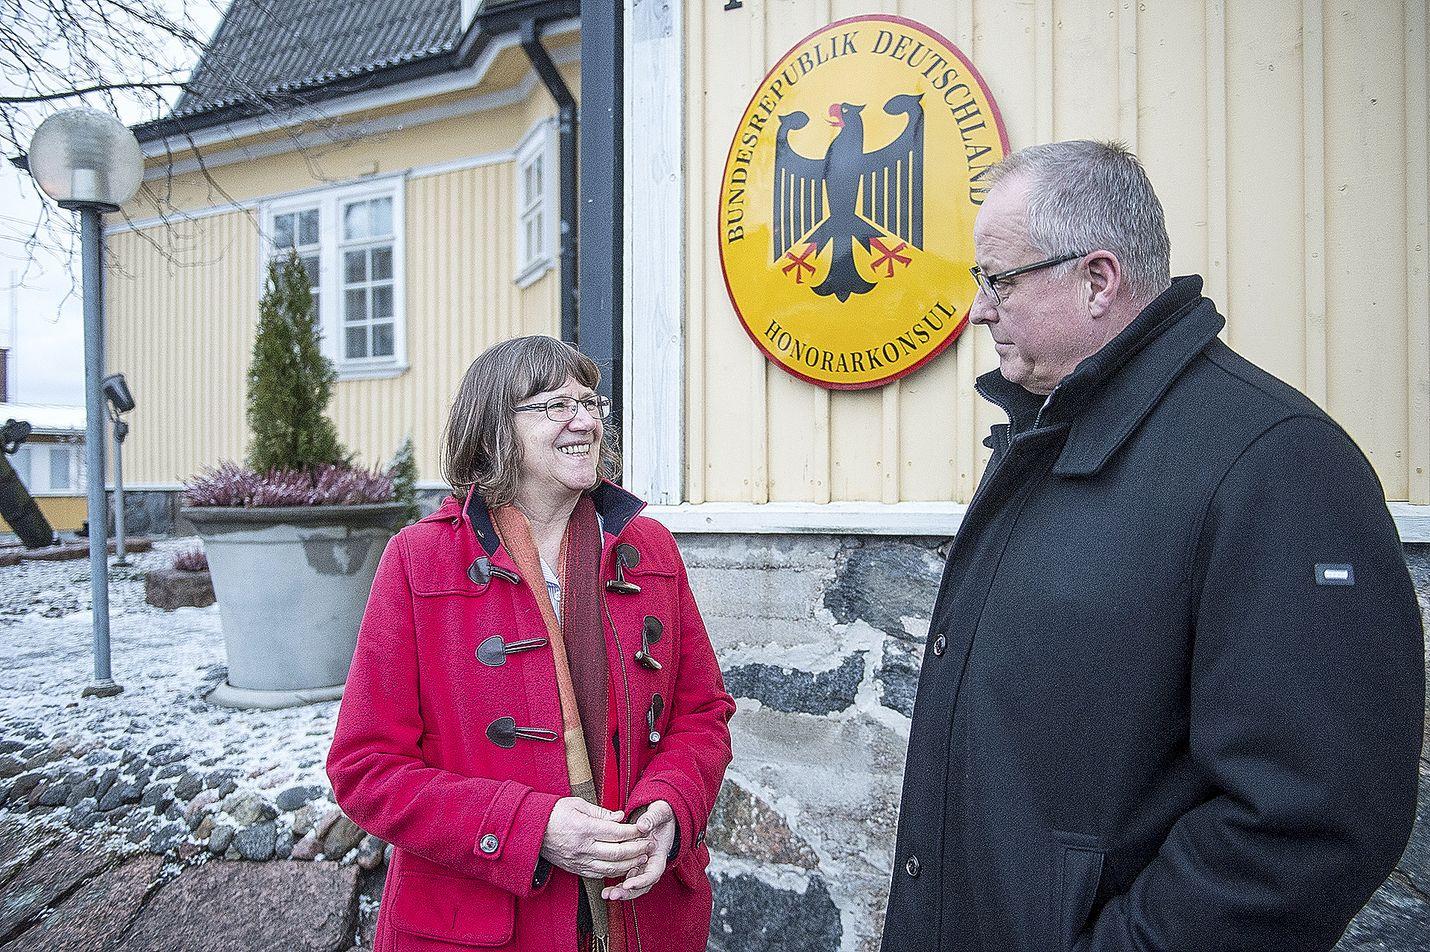 Saksan suurlähettiläs Dorothee Janetzke-Wenzel piipahti Raumalla maanantaina. Kunniakonsuli Hannu Asumalahden johdolla Janetzke-Wenzel pääsi tutustumaan esimerkiksi satamaan.